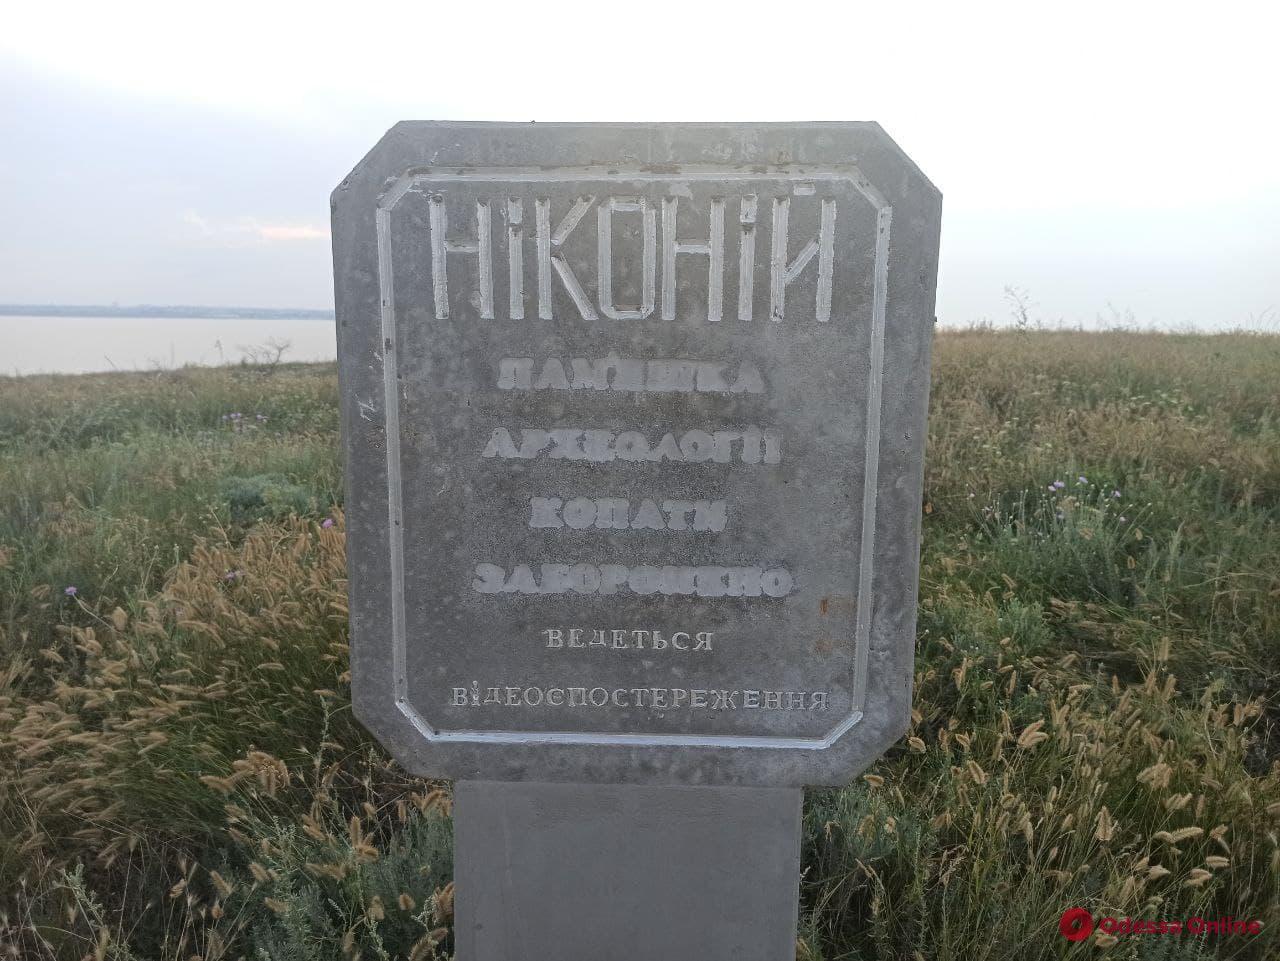 Раскопы «черных археологов», обломки амфор и красивые виды Днестровского лимана – фоторепортаж из античного Никония